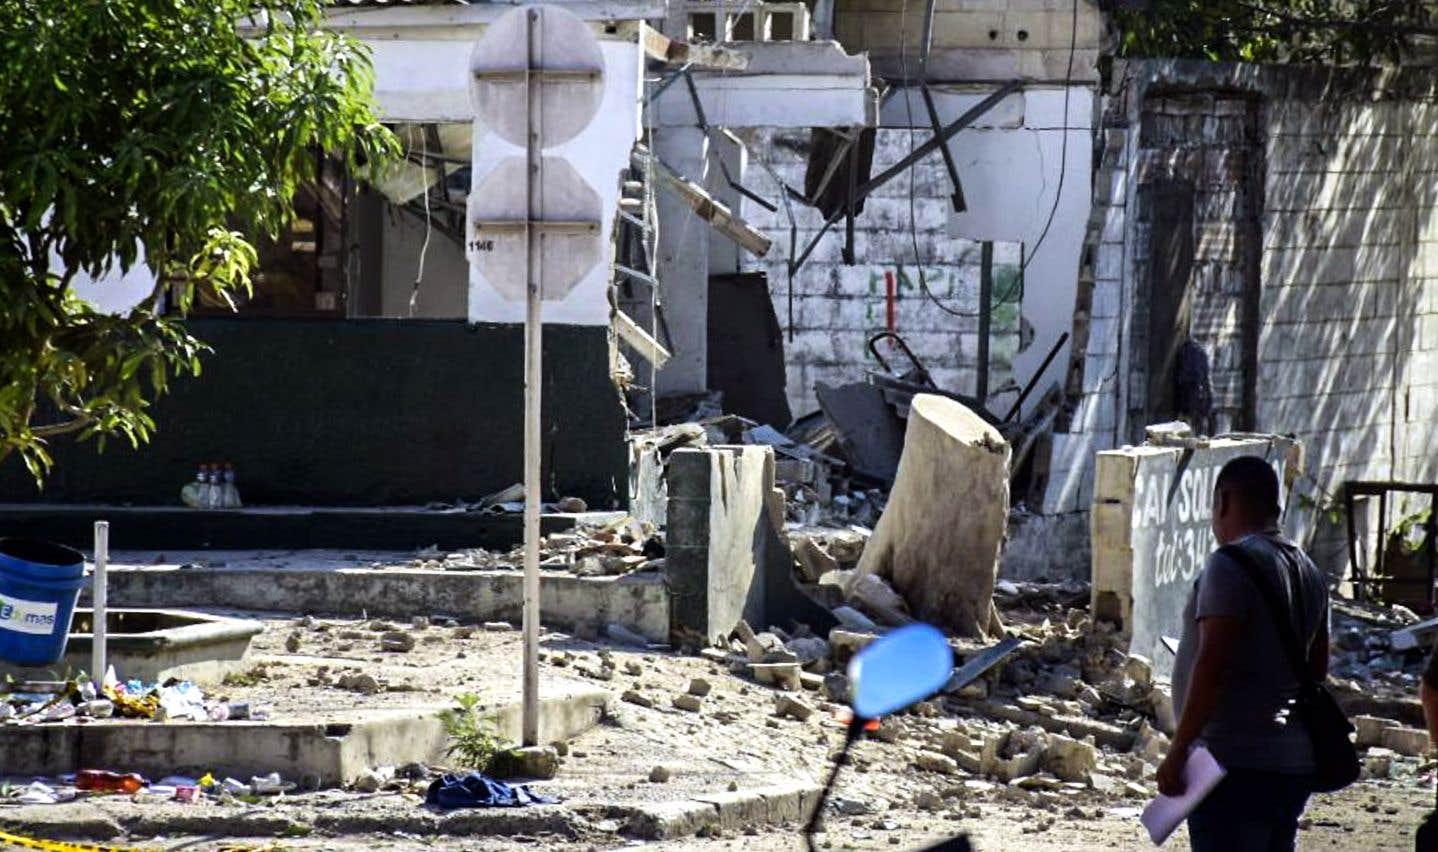 Un homme passe devant un poste de police après un attentat à la bombe dans le département de Soledad Atlantico, en Colombie, dimanche.